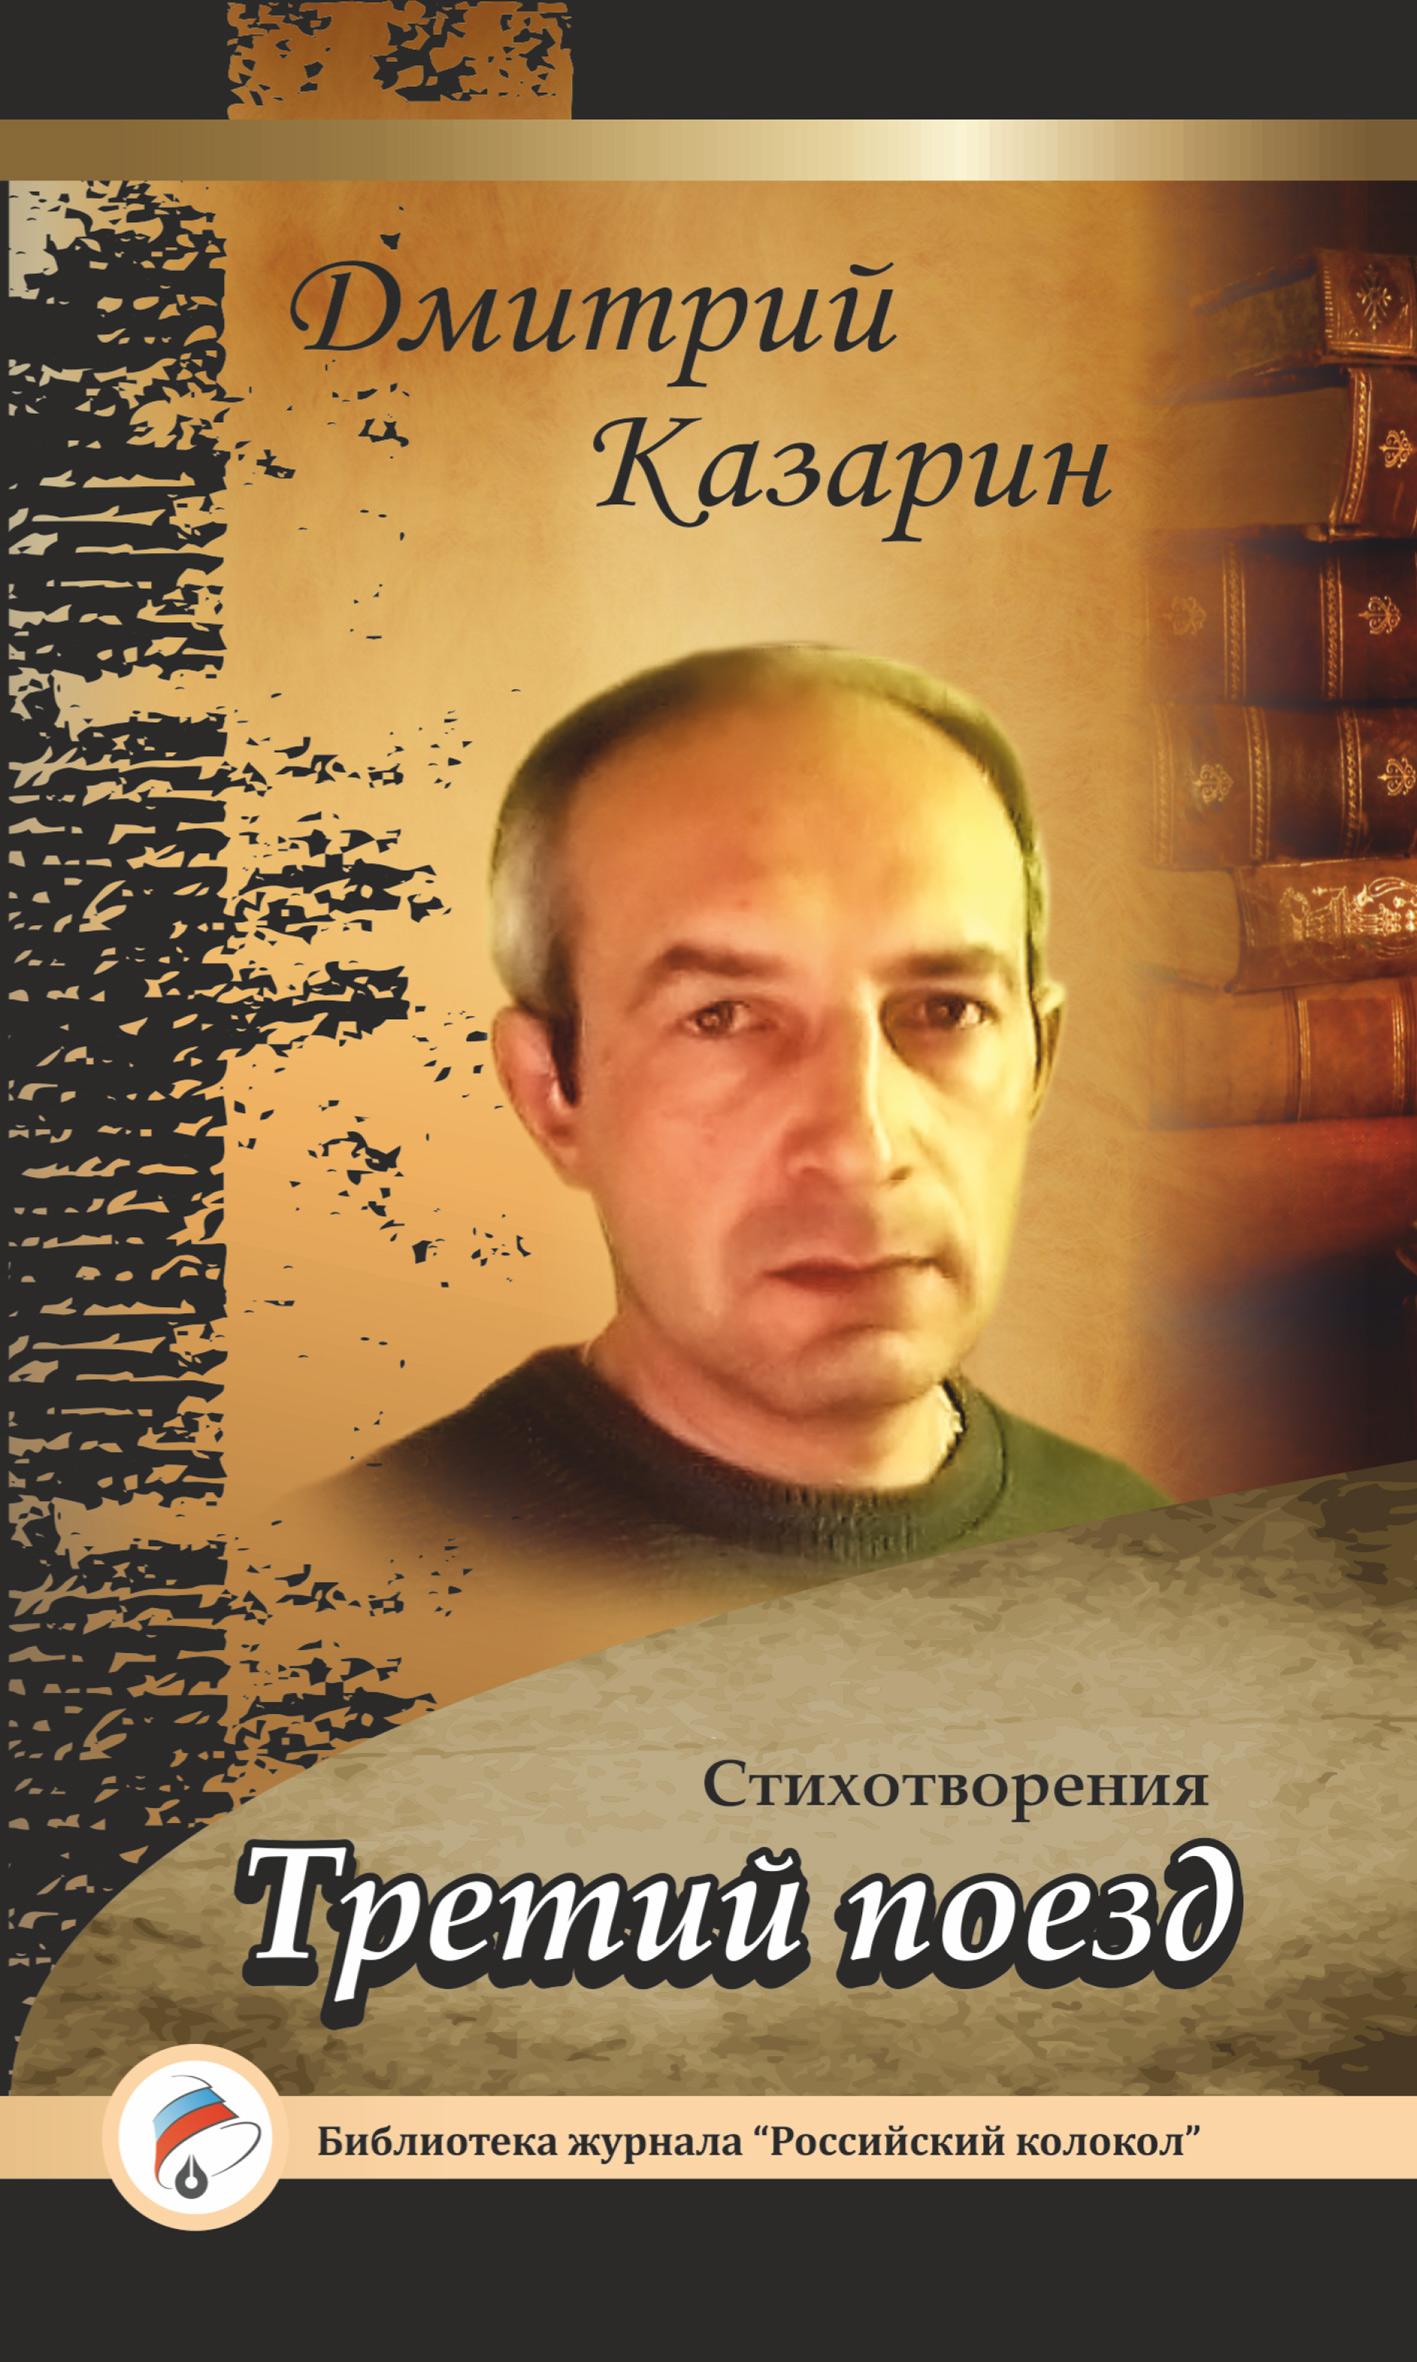 Дмитрий Казарин Третий поезд. Стихотворения